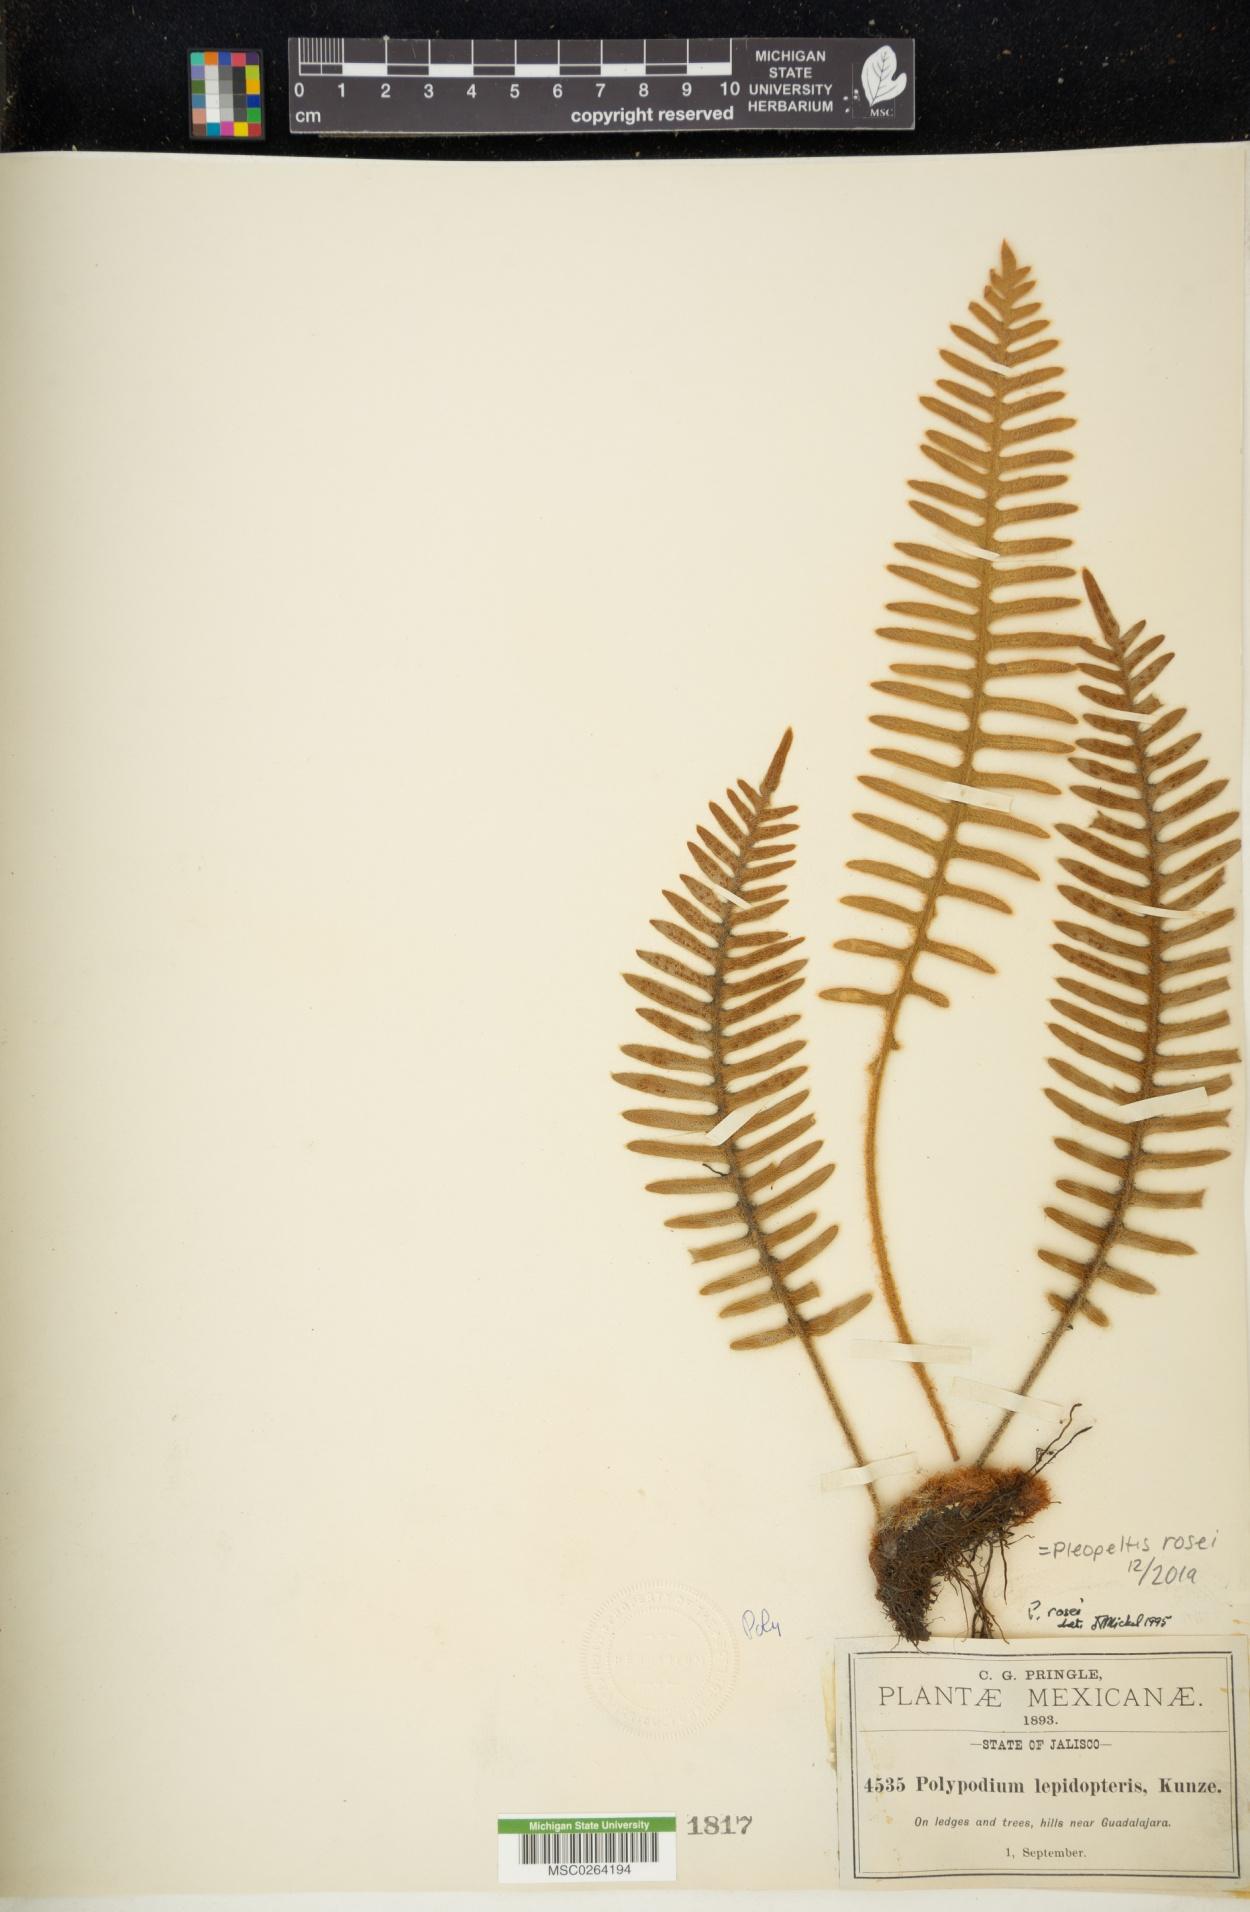 Pleopeltis rosei image